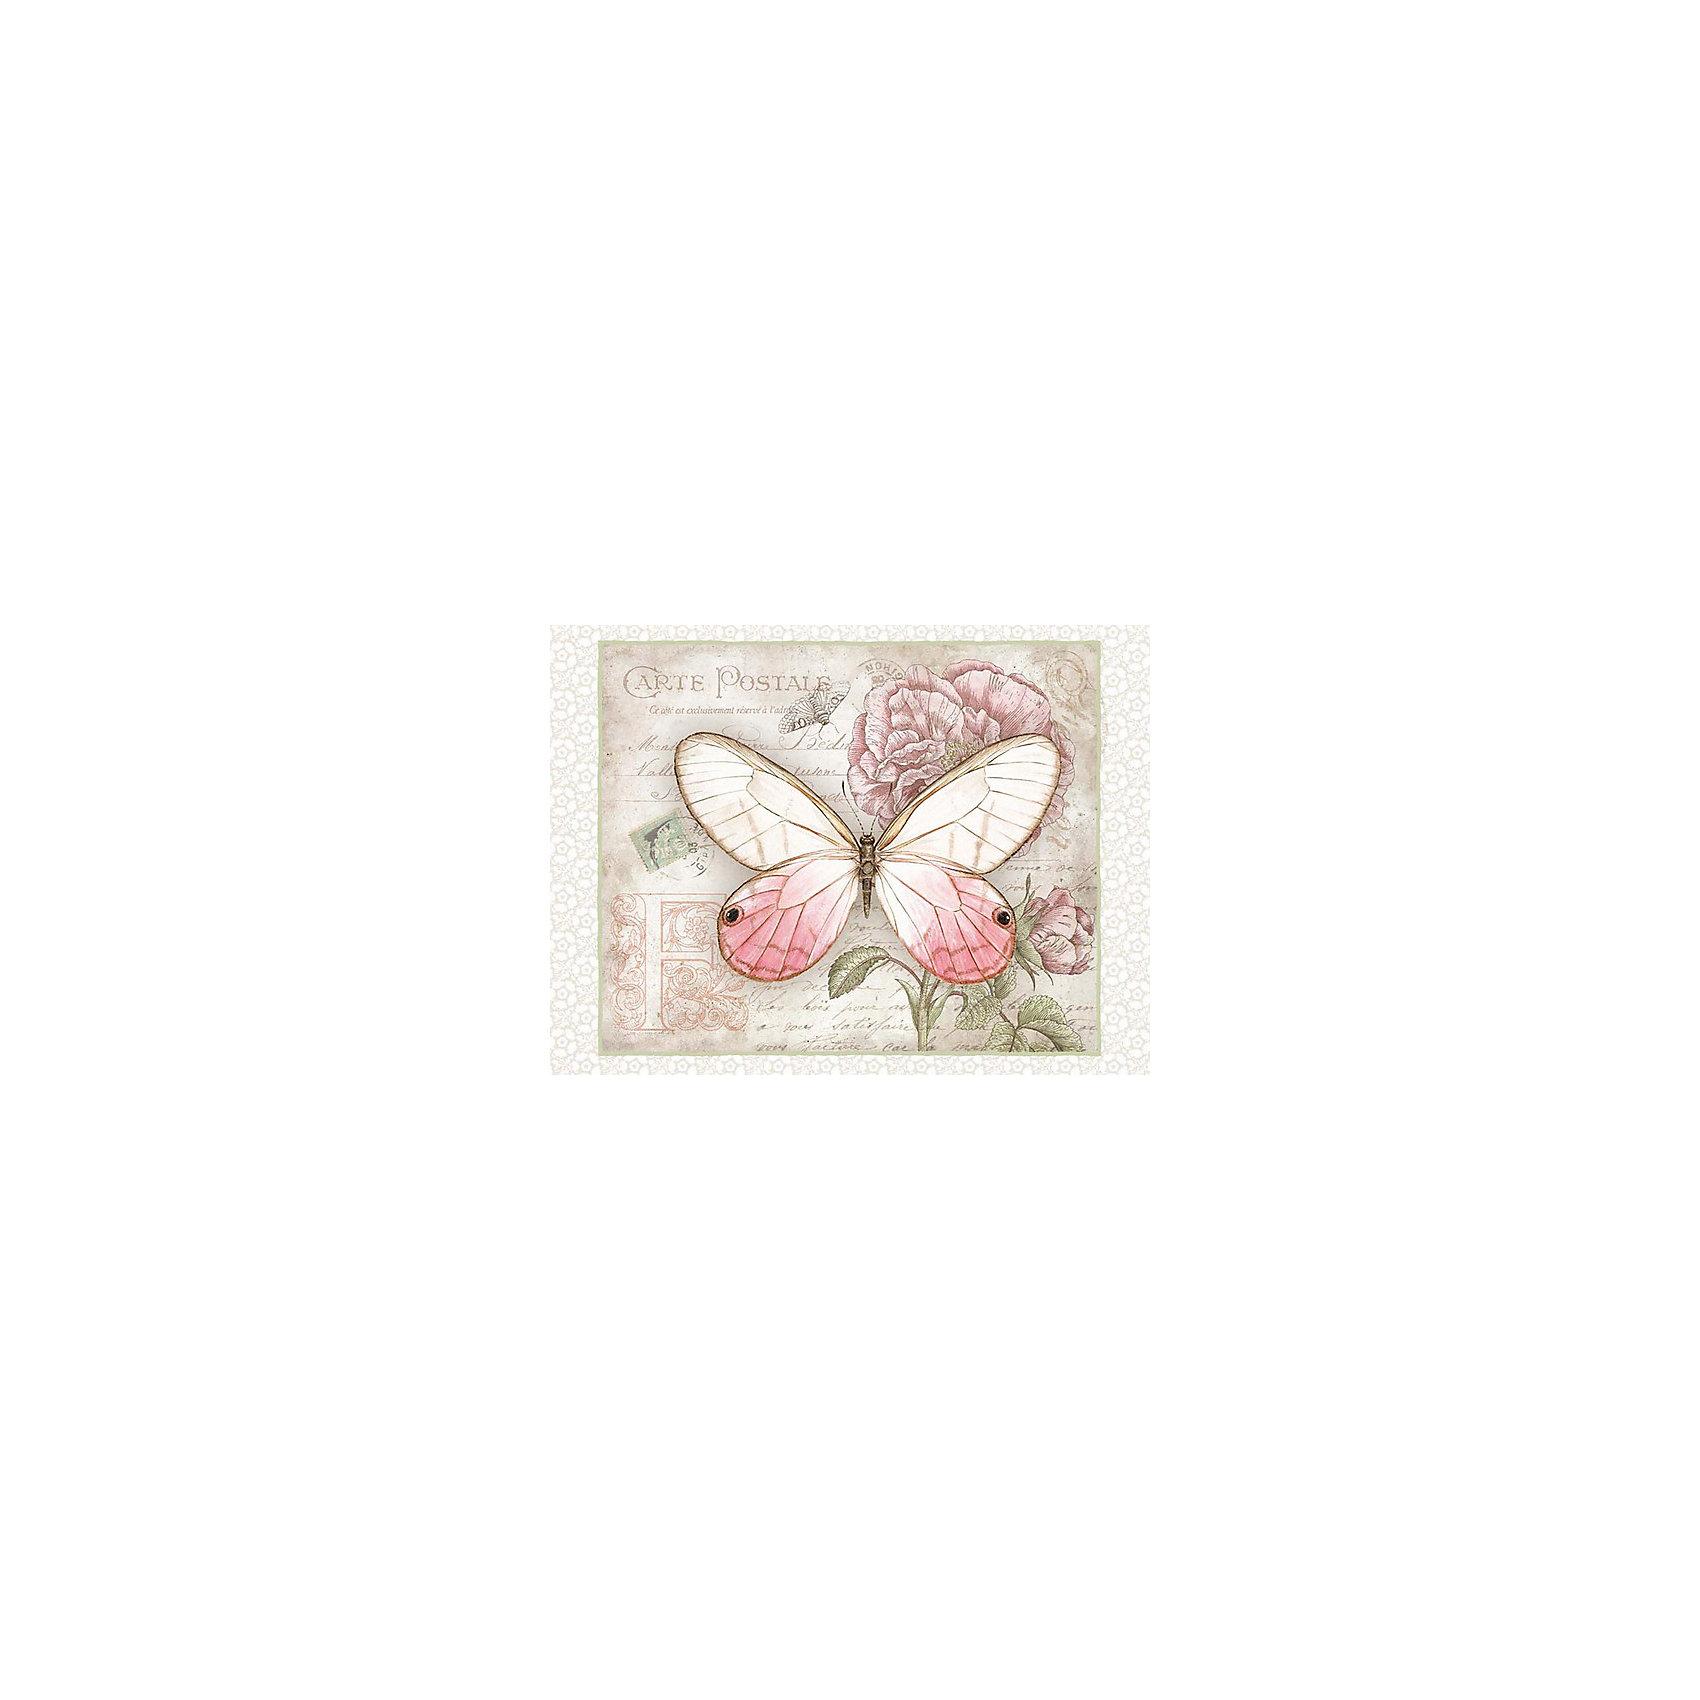 Картина - репродукция Розовая бабочка, Феникс-ПрезентПредметы интерьера<br>Картина - репродукция Розовая бабочка, Феникс-Презент <br><br>Характеристики:<br><br>• печать на бумаге<br>• без рамки<br>• основа из МДФ<br>• размер: 30х40х1 см<br><br>Картина Розовая бабочка поднимет настроение и станет прекрасным украшением для любого интерьера. Основа изготовлена из МДФ. На картине изображена большая бабочка. Краски не выцветают в течение долгого времени. Картина Розовая бабочка долго будет радовать глаз!<br><br>Картину - репродукцию Розовая бабочка, Феникс-Презент можно купить в нашем интернет-магазине.<br><br>Ширина мм: 300<br>Глубина мм: 400<br>Высота мм: 100<br>Вес г: 793<br>Возраст от месяцев: -2147483648<br>Возраст до месяцев: 2147483647<br>Пол: Унисекс<br>Возраст: Детский<br>SKU: 5449537